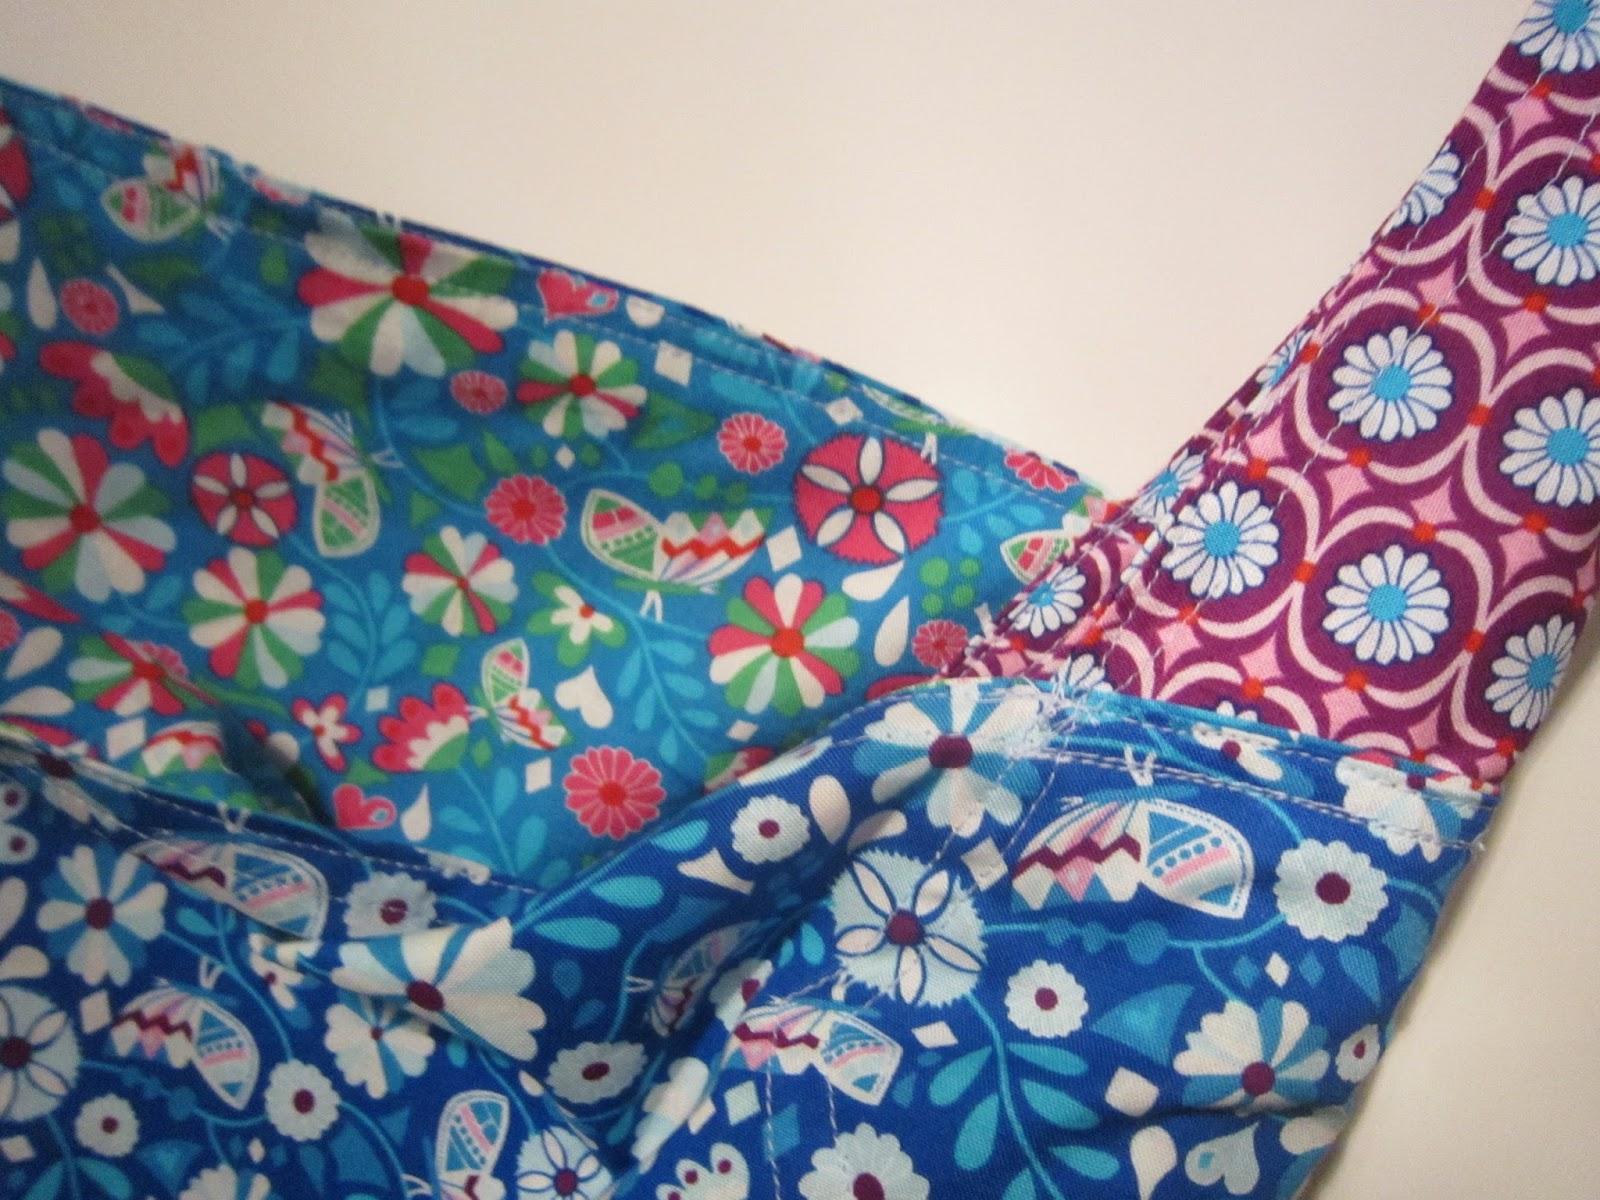 taschenspieler 3 beutletasche bei juleskunterbuntewelt findet ihr handmade mode und. Black Bedroom Furniture Sets. Home Design Ideas